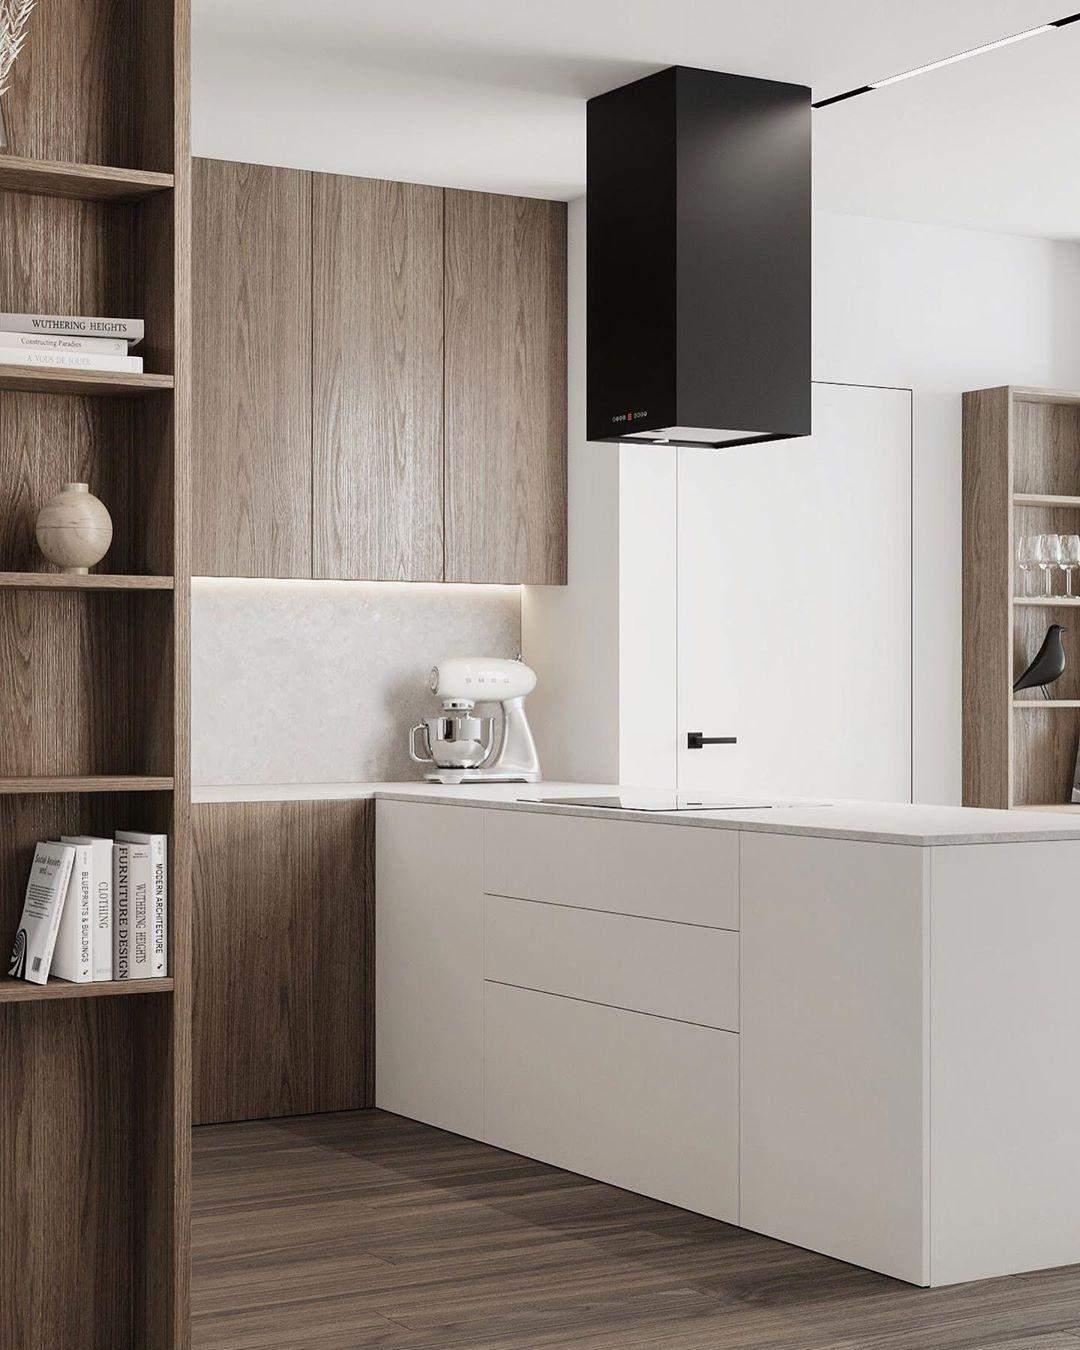 Мінімалістичний дизайн кухні